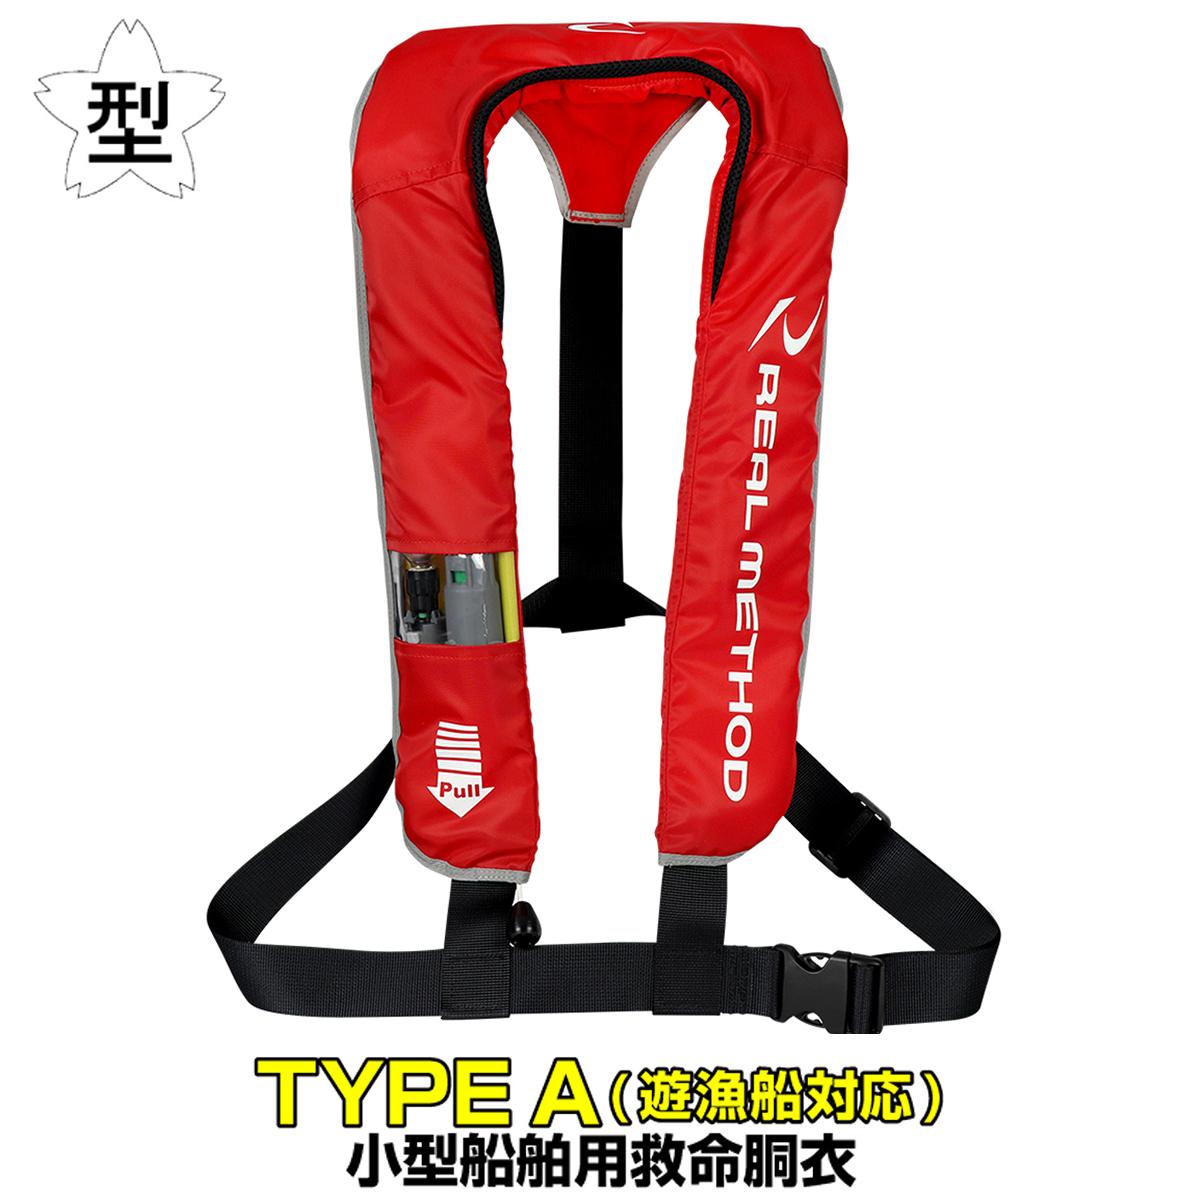 タカミヤ REALMETHOD 自動/手動式兼用 膨脹式ライフジャケット ショルダータイプ BJ-2700型 レッド ※遊漁船対応